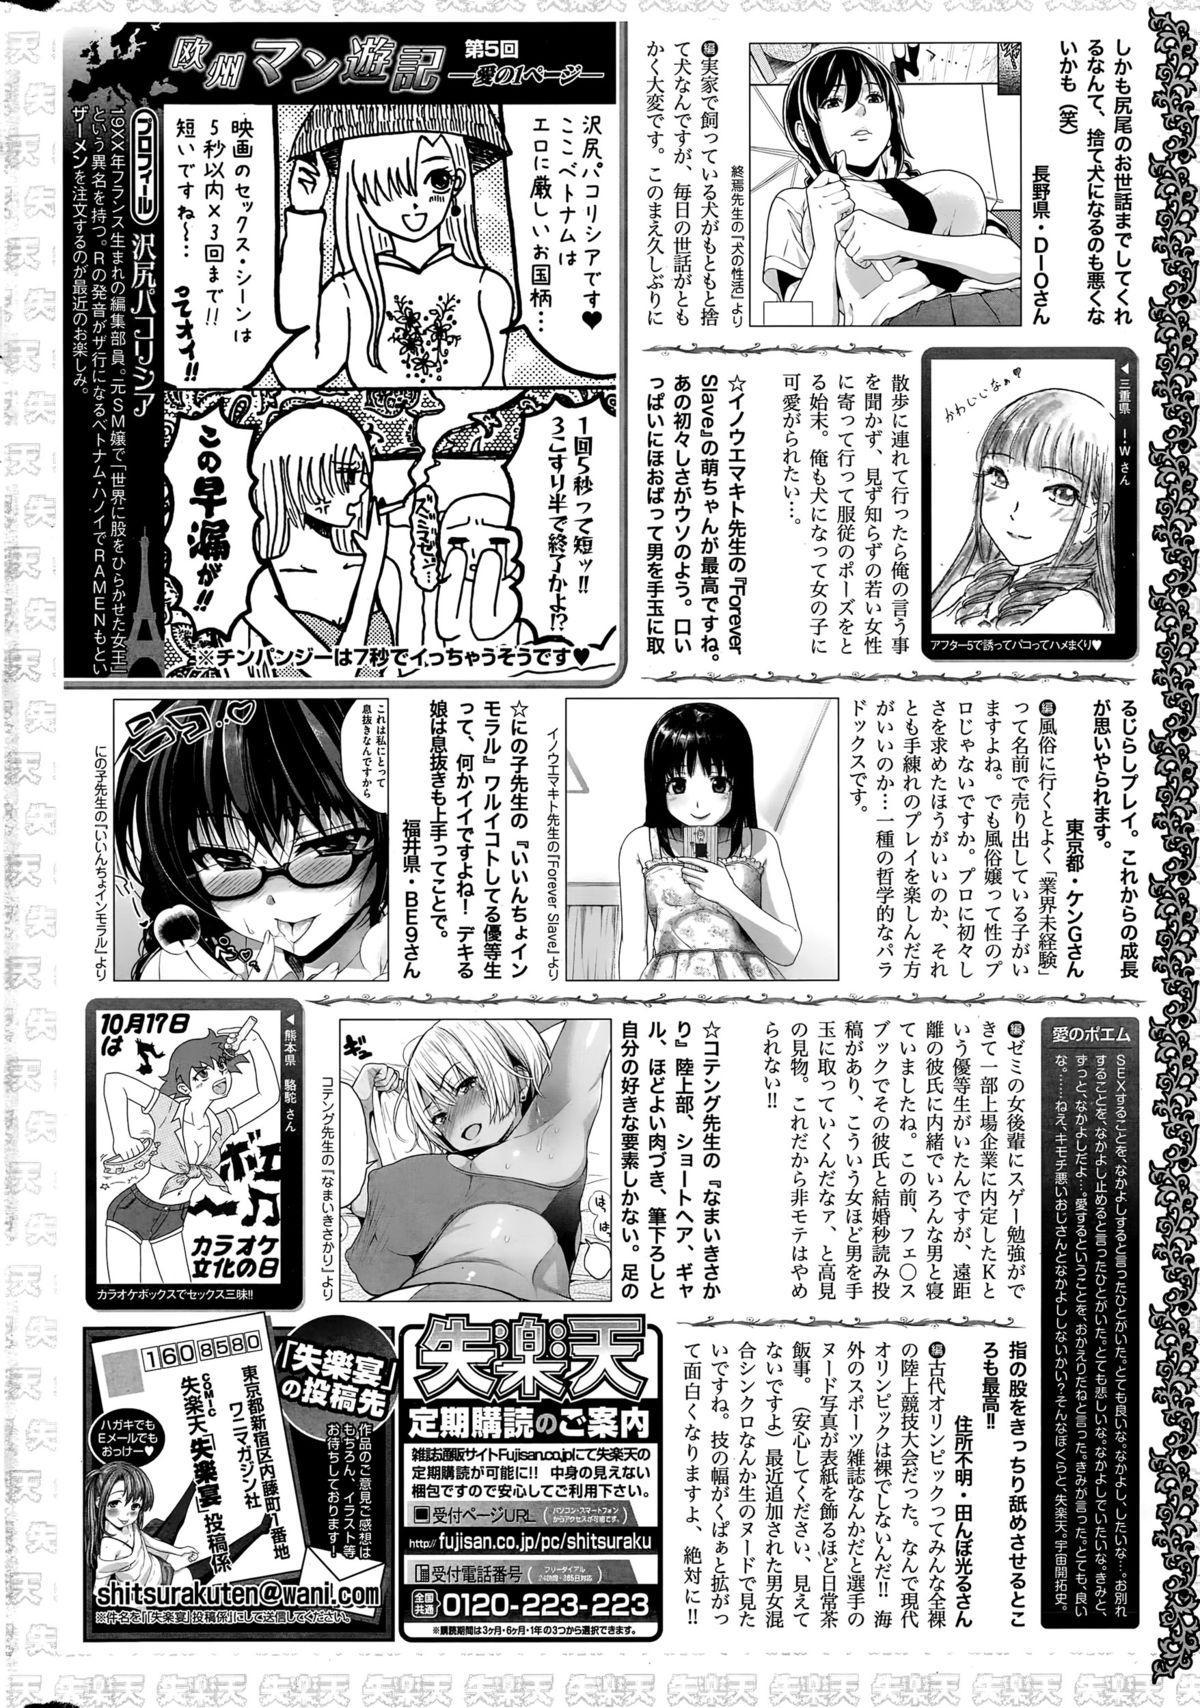 COMIC Shitsurakuten 2015-11 315